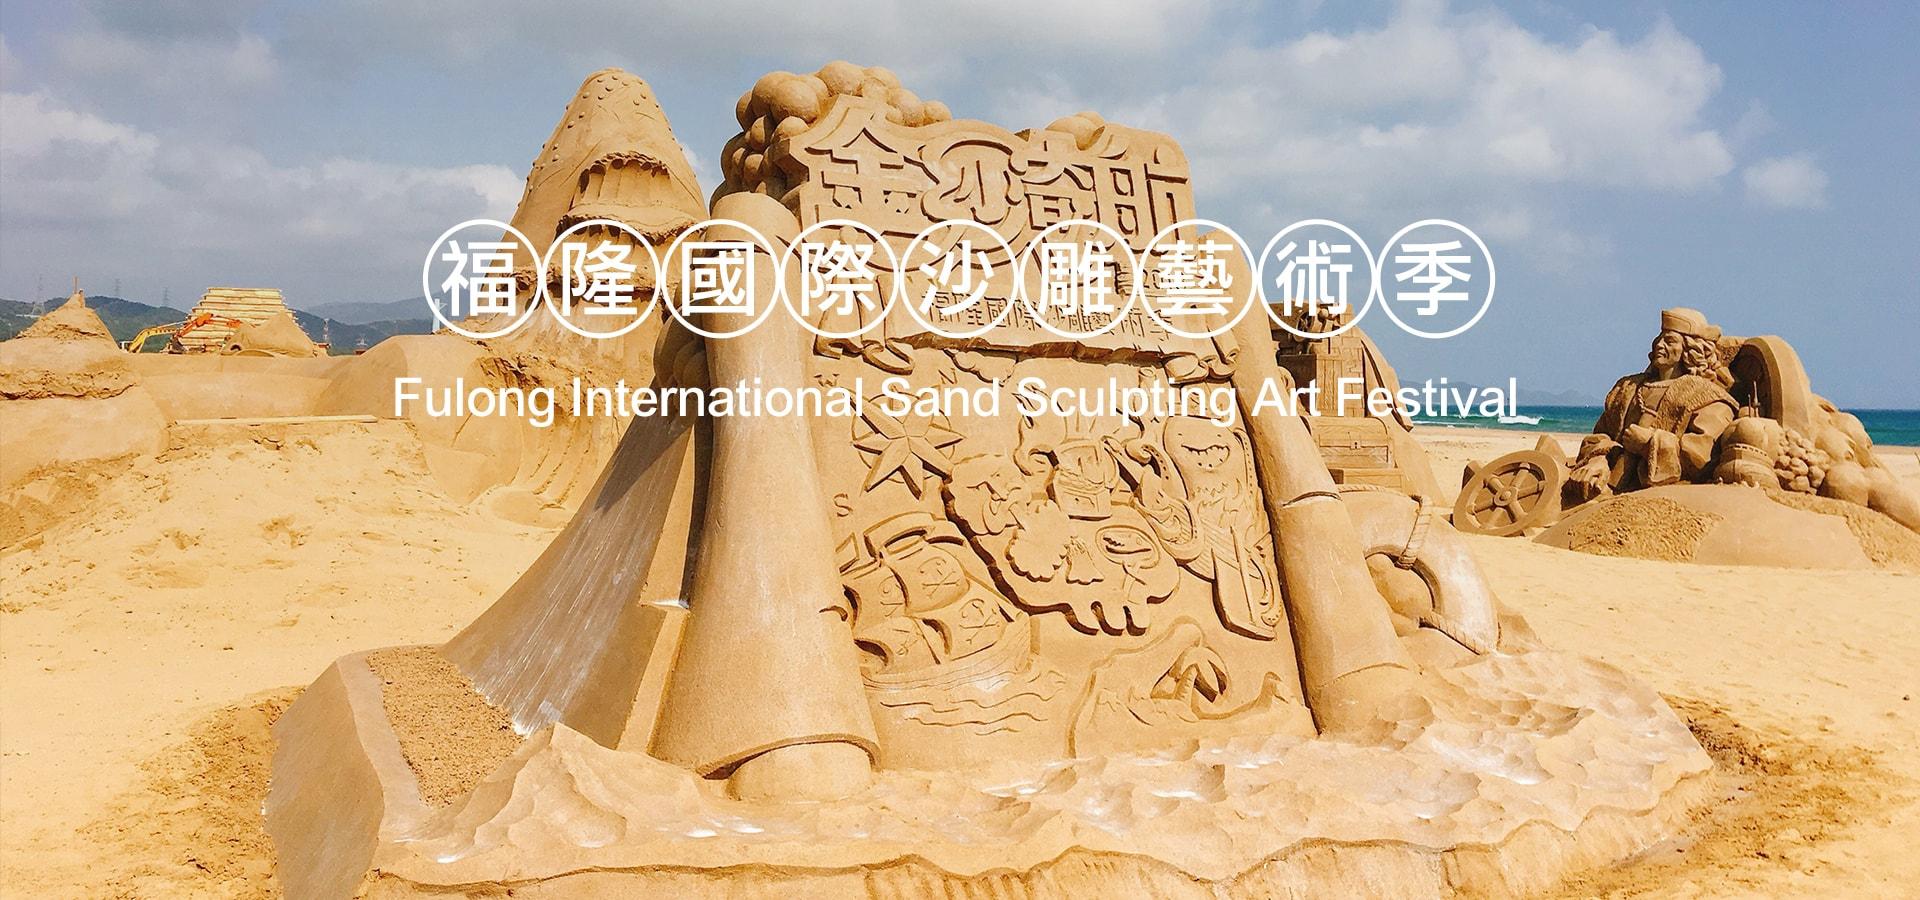 2018福隆國際沙雕藝術季